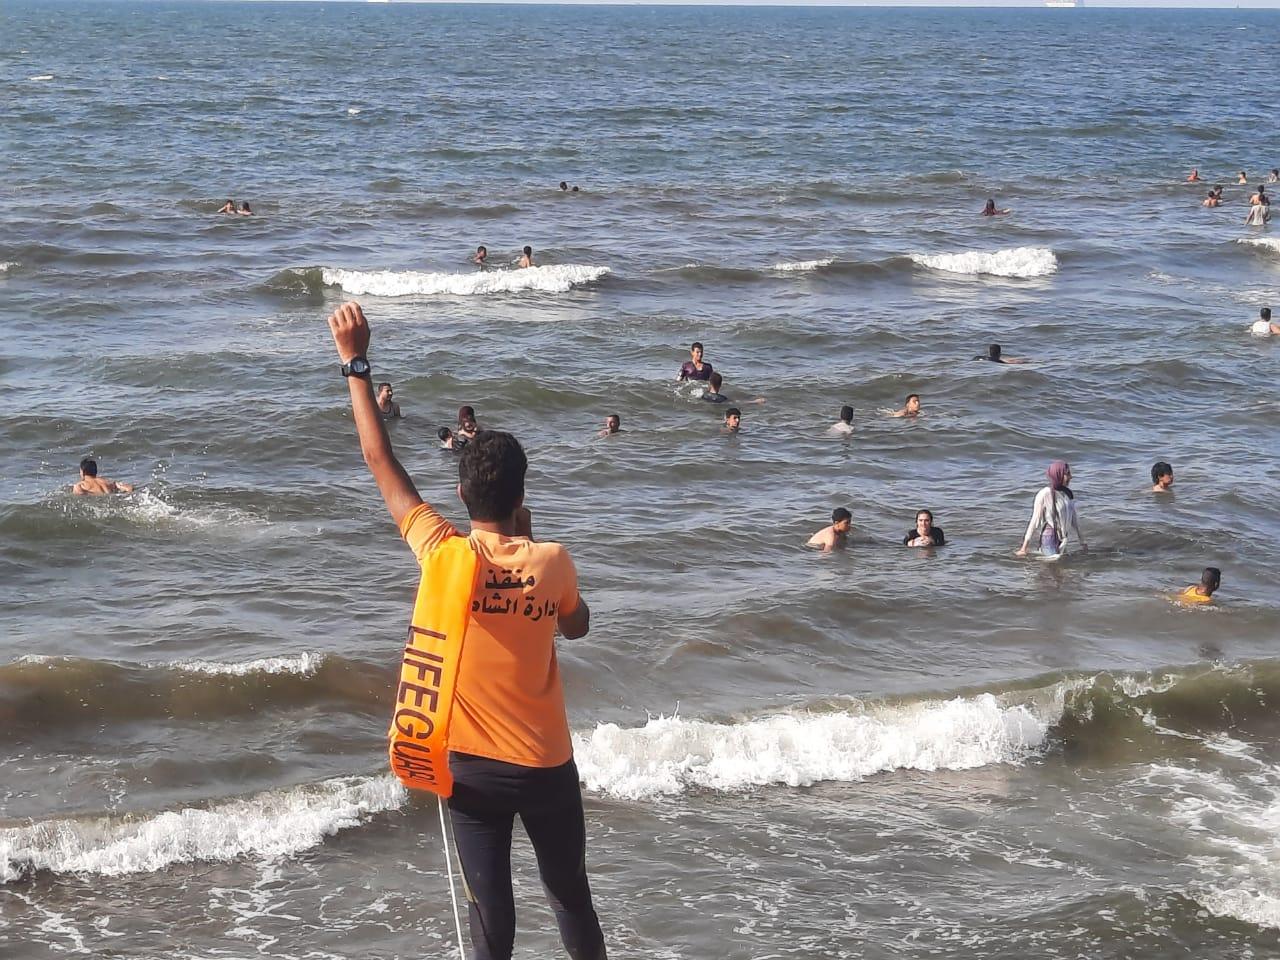 الإنقاذ يعطي الإرشادات للمواطنين داخل المياه